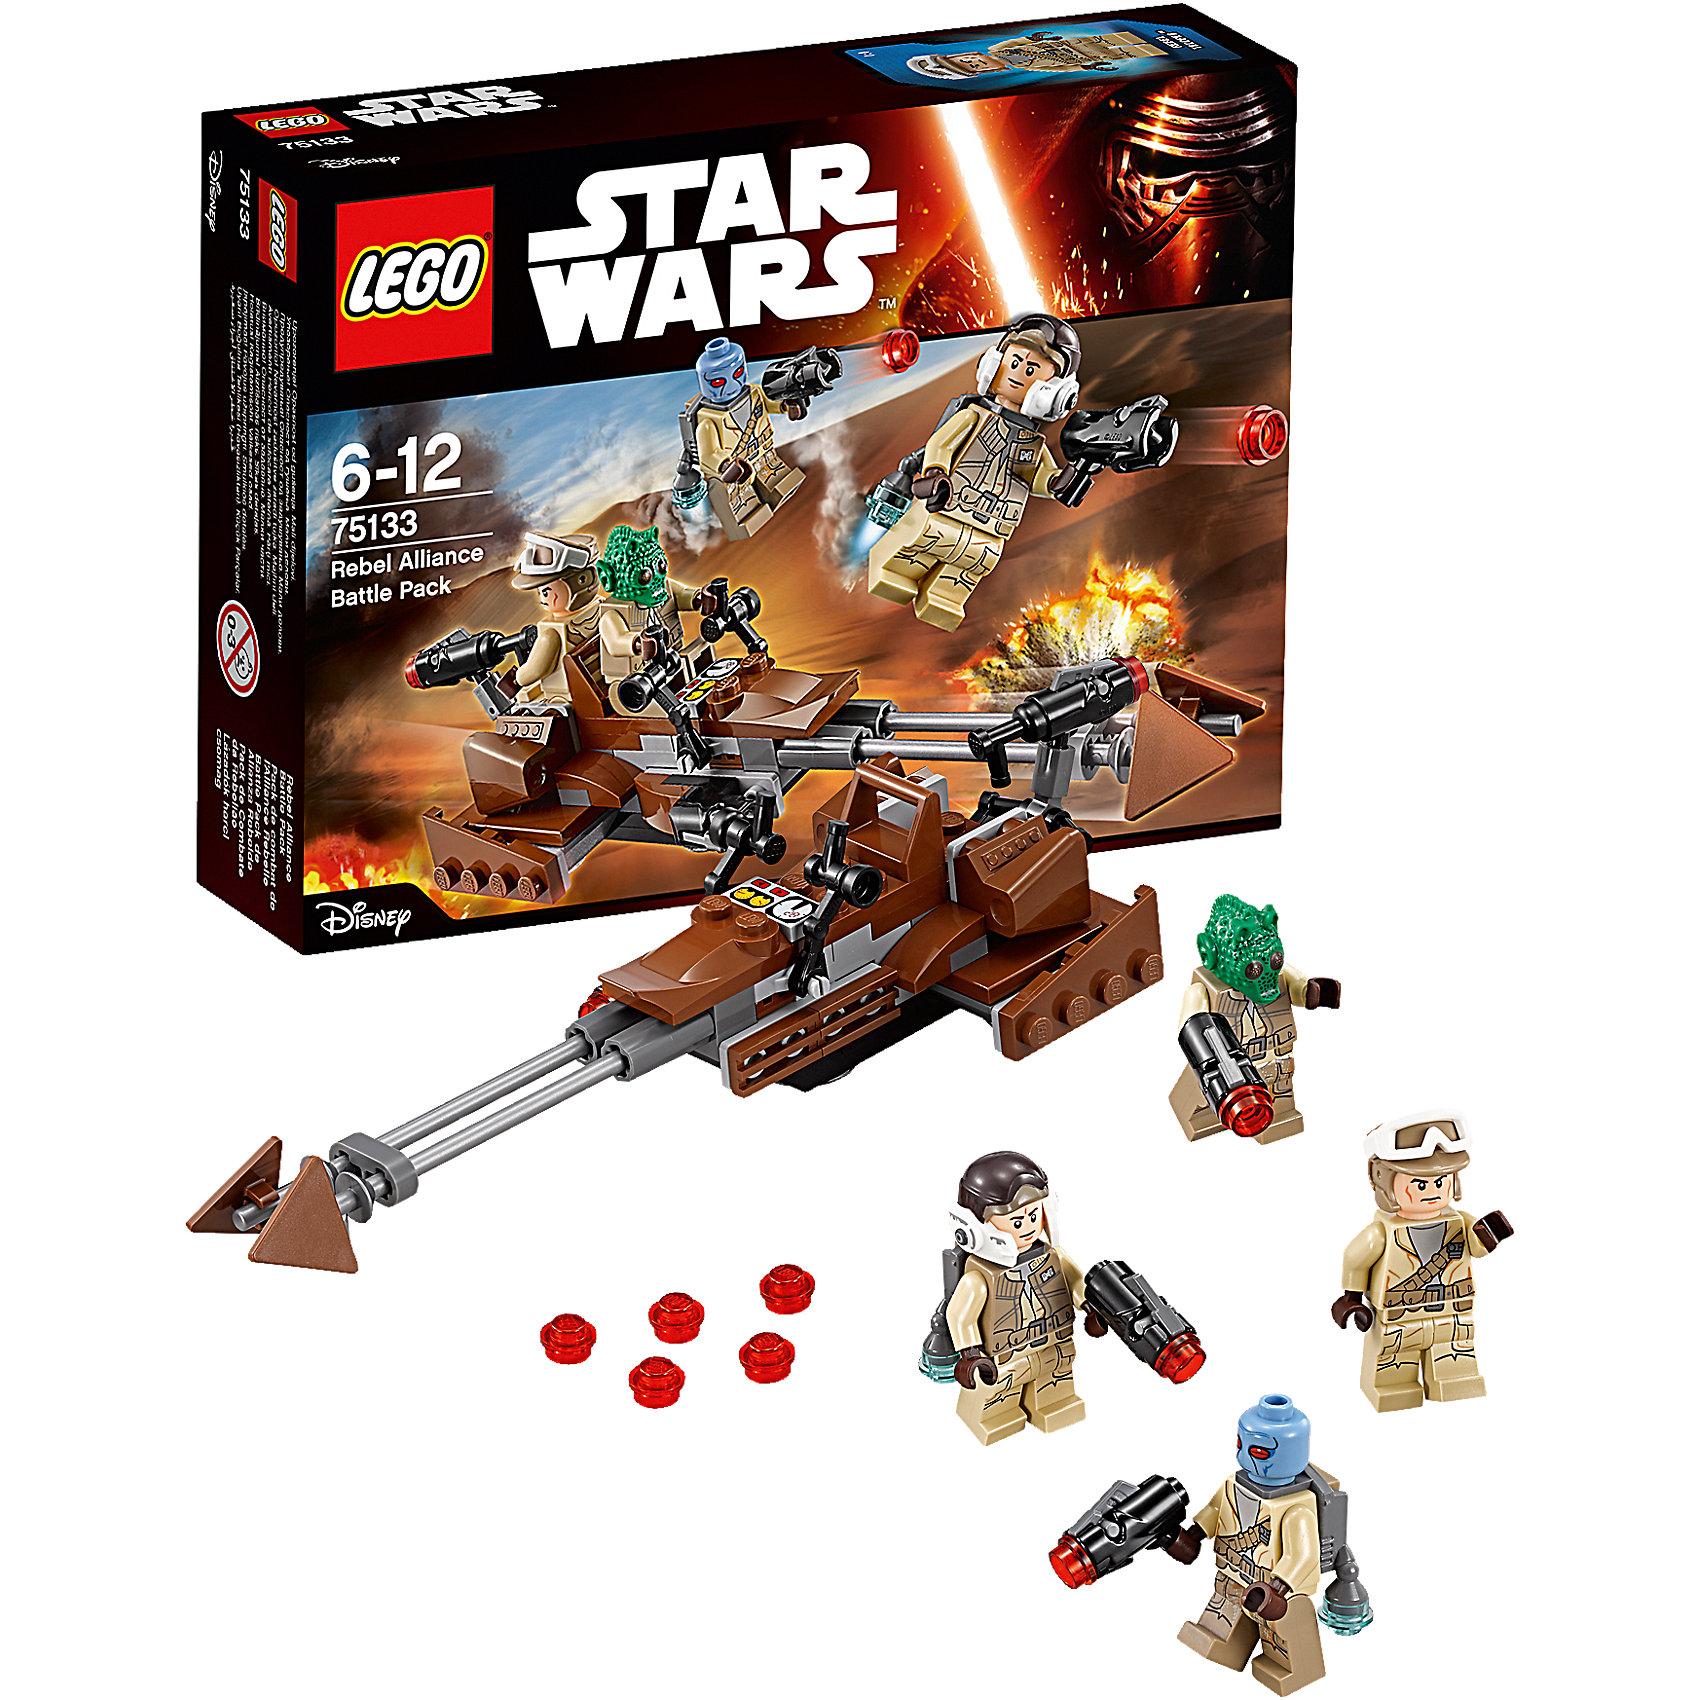 LEGO Star Wars 75133: Боевой набор ПовстанцевLEGO Star Wars (ЛЕГО Звездные войны) 75133: Боевой набор Повстанцев станет прекрасным подарком для всех поклонников знаменитой киносаги. Воссоздай захватывающие сцены из 7 эпизода Звездные Войны. Пробуждение Силы и устрой грандиозное сражение между силами Сопротивления и Первого Ордена! Вызови на помощь повстанцам скоростной спидер с командой из пилота и пулеметчика. Корпус спидера выполнен из коричневых и серых деталей, что делает его незаметным на фоне песчаных пейзажей планеты. Спереди расположены две длинные штанги с подвижными треугольными лопастями. Место пилота оснащено рычагами управления и приборной панелью. За креслом пилота размещается платформа для стрелка, который  защищает тыловые части спидера от имперских преследователей. Чтобы выстрелить из мощного лазерного пулемета нажмите на специальный рычаг в верхней части дула. В комплект также входят четыре минифурки повстанцев с оружием и реактивными ранцами.<br><br>Все конструкторы серии ЛЕГО Звездные войны созданы по мотивам знаменитой киносаги Звездные войны и воспроизводят самые популярные сюжеты и эпизоды фильма. В наборах представлены все основные средства вооружения и боевые единицы, задействованные в фильме.<br>Фантастические истребители, машины, роботы, оружие, фигурки персонажей выполнены очень реалистично, с высокой степенью детализации.<br><br>Дополнительная информация:<br><br>- Игра с конструктором LEGO (ЛЕГО) развивает мелкую моторику ребенка, фантазию и воображение, учит его усидчивости и внимательности.<br>- Количество деталей: 101.<br>- Количество минифигур: 4.<br>- Серия: LEGO Star Wars (ЛЕГО Звездные войны).<br>- Материал: пластик.<br>- Размер упаковки: 19 х 4,5 х 14 см.<br>- Вес: 0,125 кг.<br><br>Конструктор LEGO Star Wars (ЛЕГО Звездные войны) 75133: Боевой набор Повстанцев можно купить в нашем интернет-магазине.<br><br>Ширина мм: 193<br>Глубина мм: 144<br>Высота мм: 48<br>Вес г: 115<br>Возраст от месяцев: 72<br>Возраст до месяцев: 144<br>Пол: